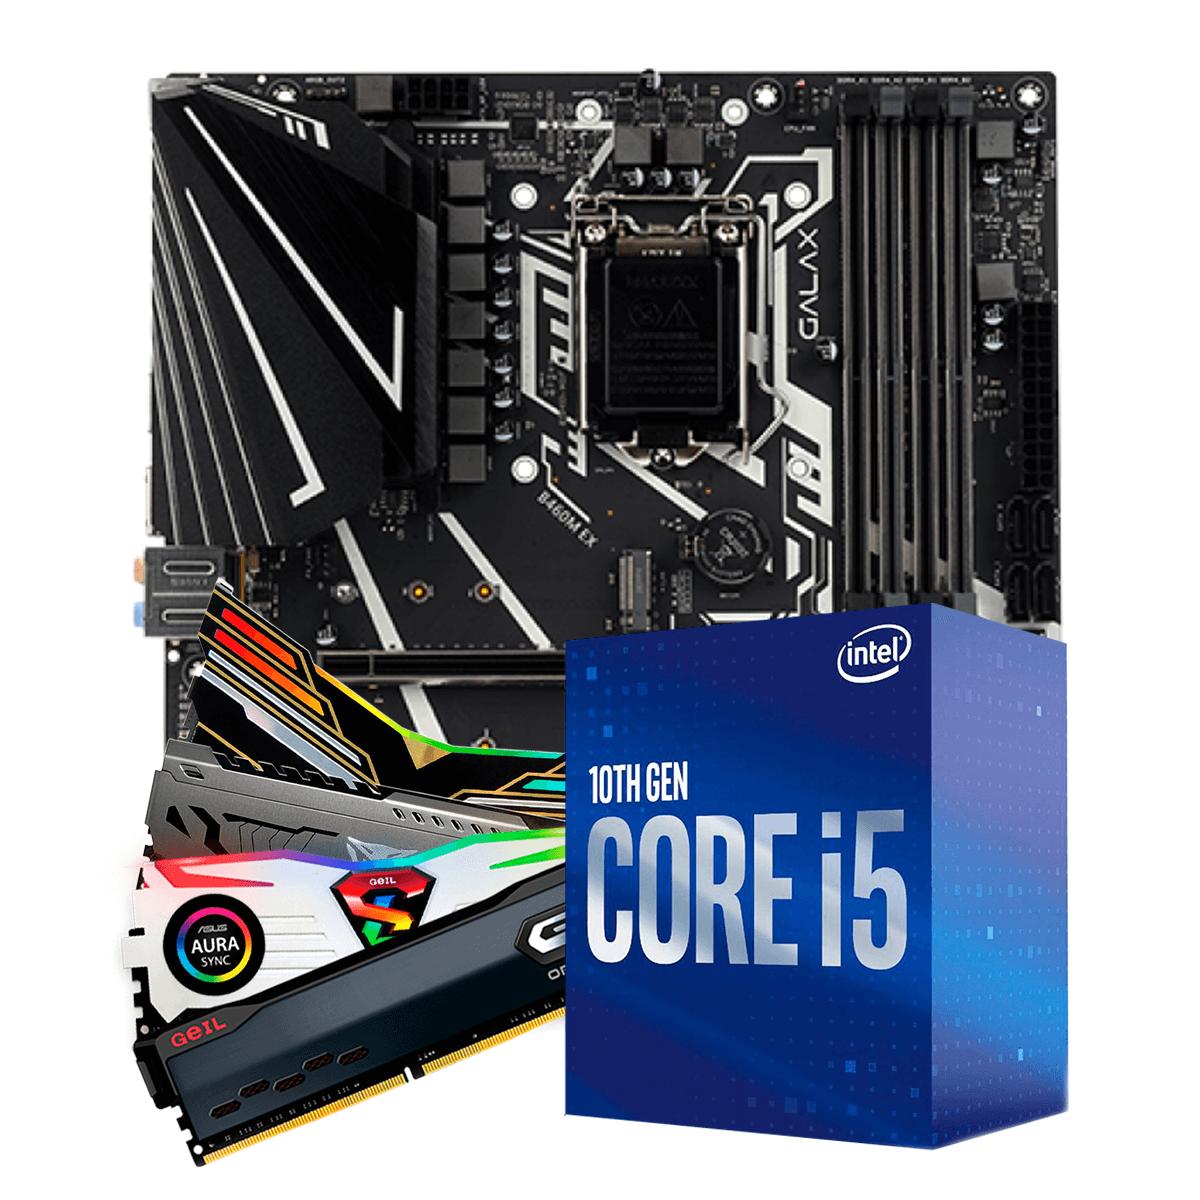 Kit Upgrade, Intel i5 10400F, Galax B460M EX, Memória DDR4 16GB (2x8GB) 3000MHz